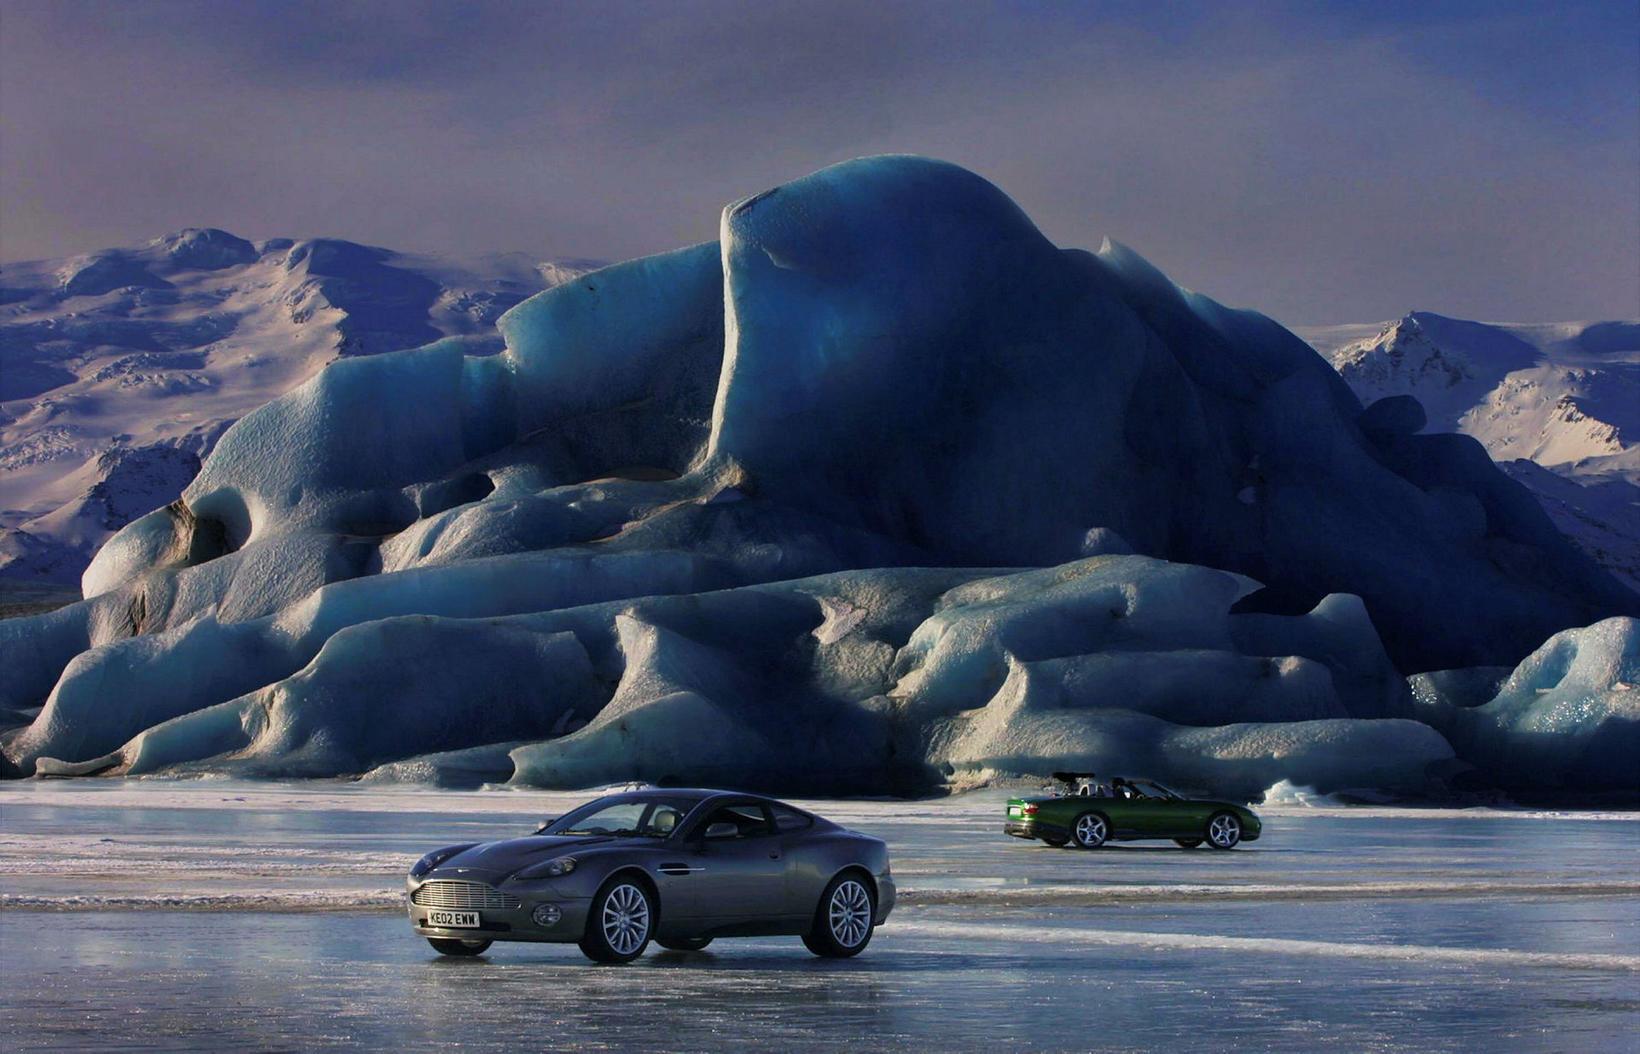 Frá Jökulsárlóni. Aston Martin Vanquish í forgrunni og Jaguar XKR …